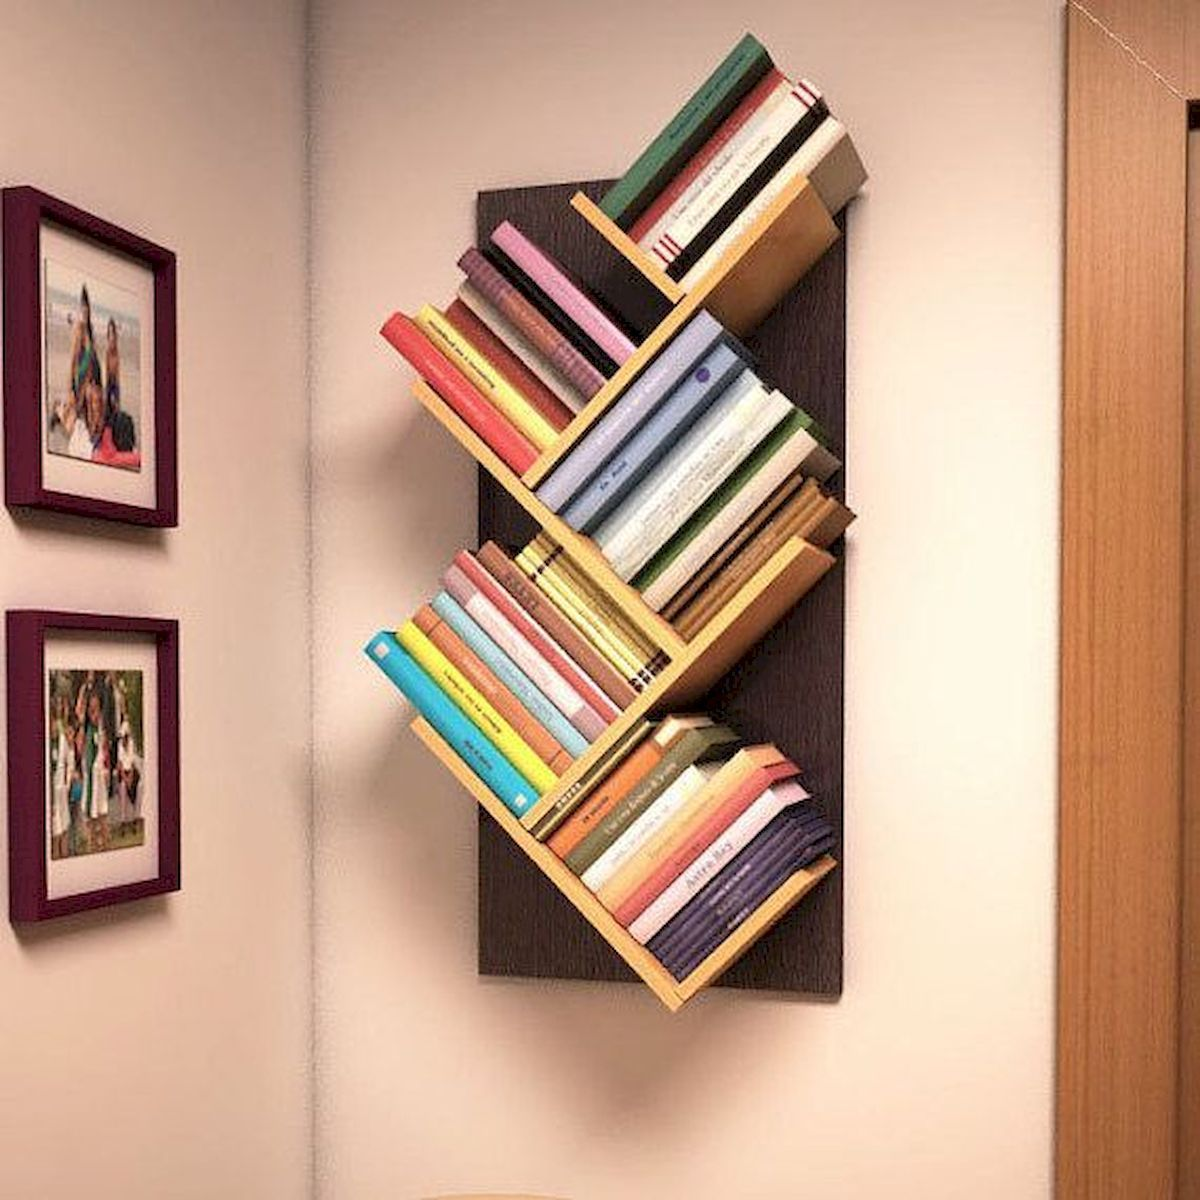 Современные книжные полки в интерьере - фото примеров